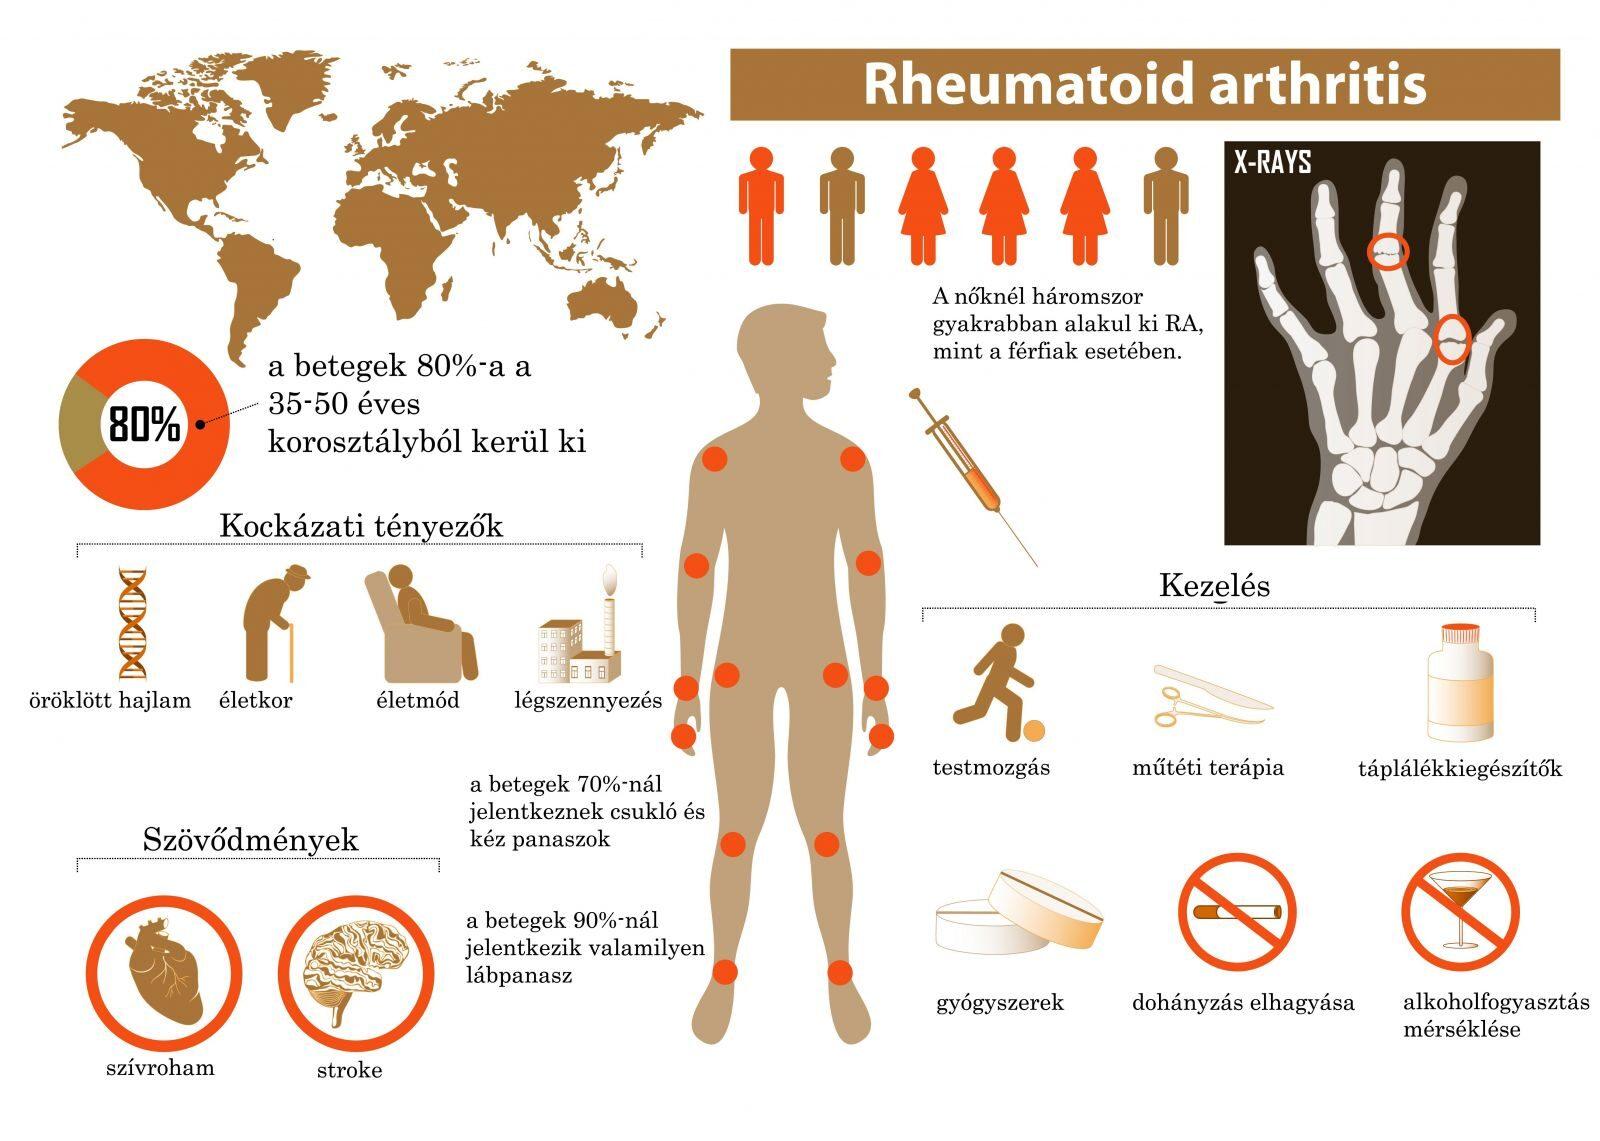 csukló rheumatoid arthritis tünetei)